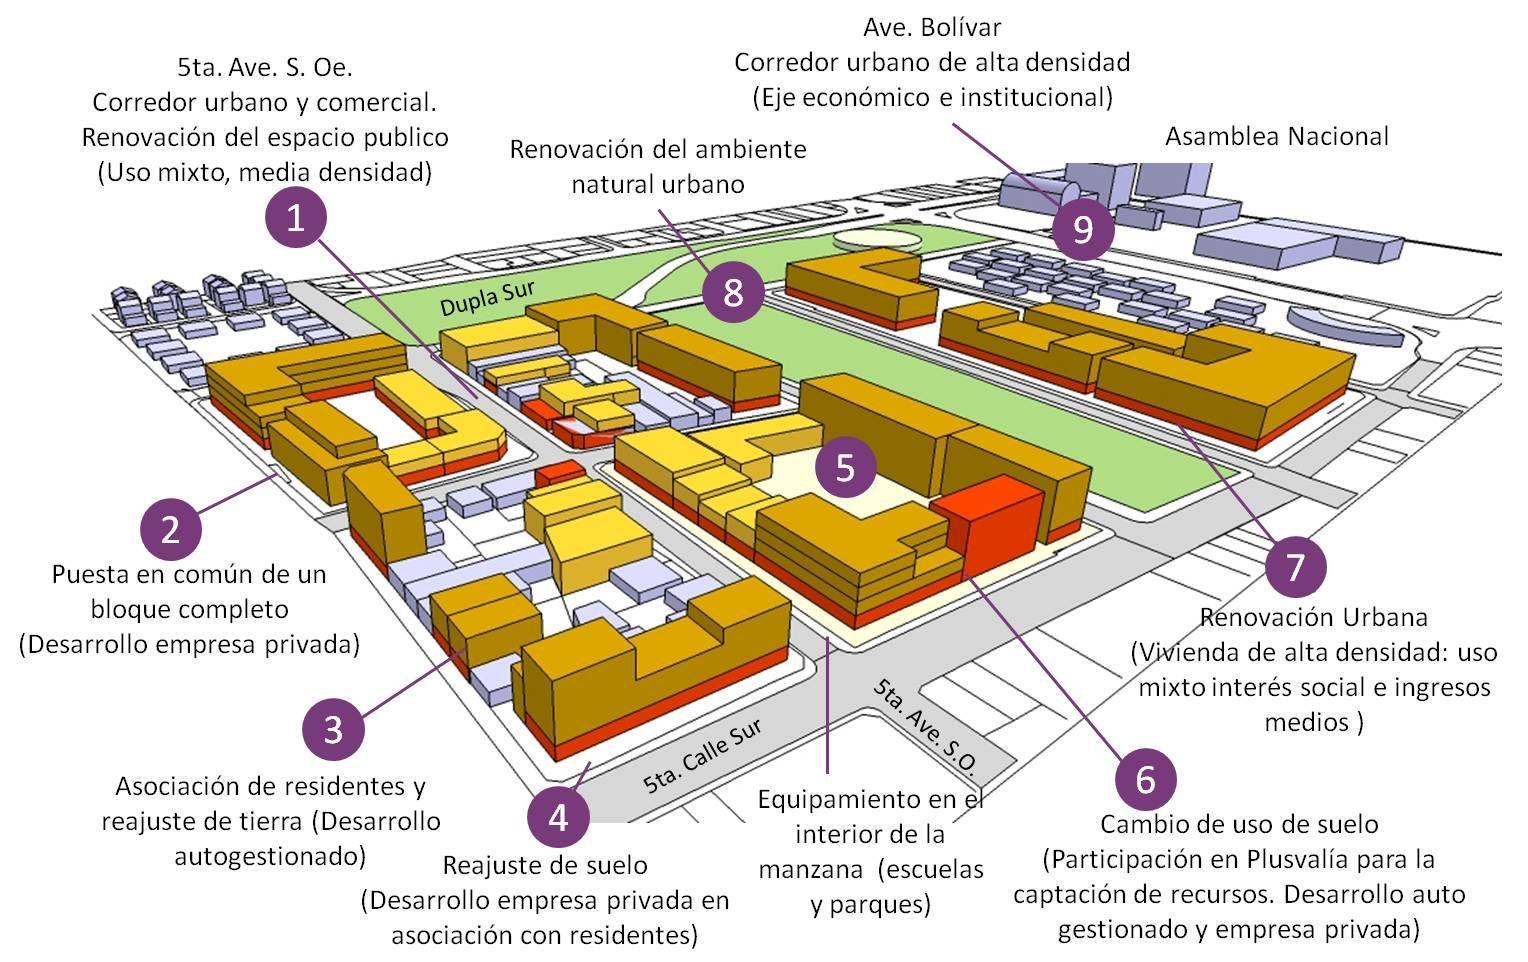 modelo de densificaci n inmobiliaria y gesti n del suelo